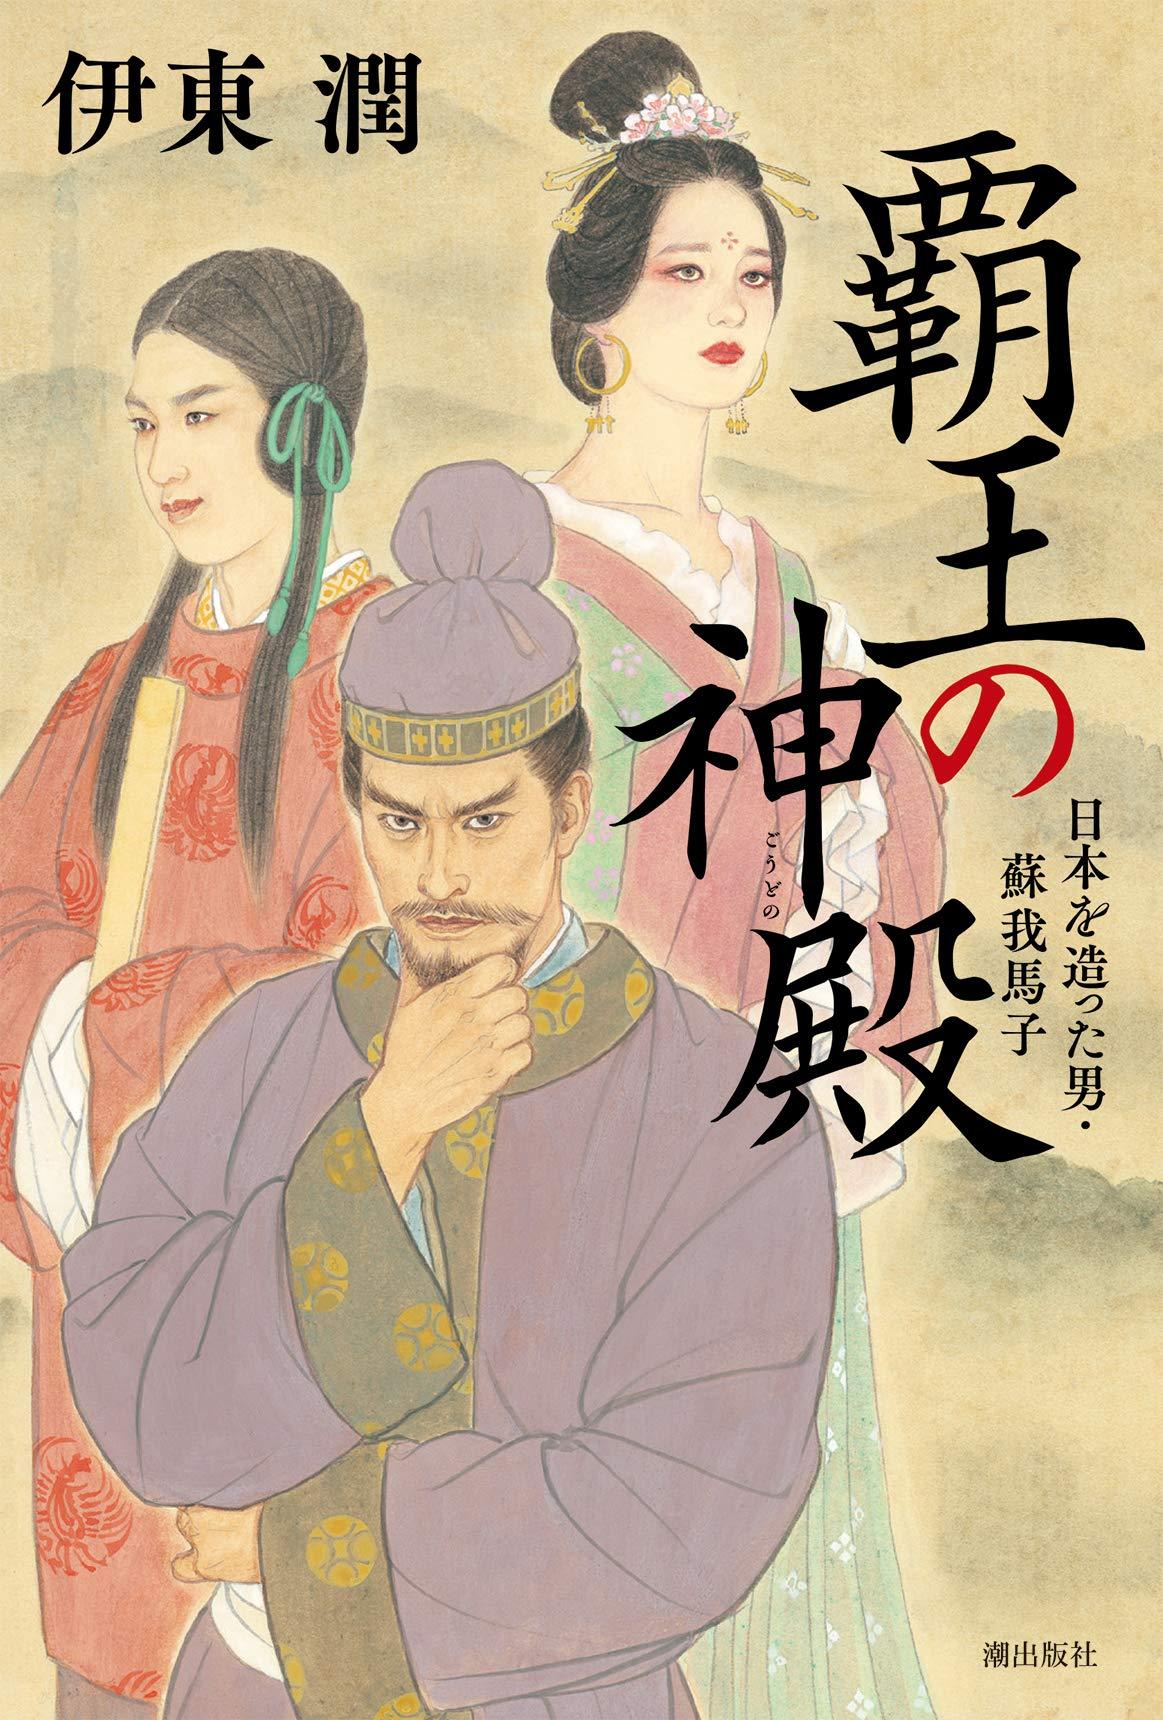 仏教国家の確立を目指し、邪魔する者を殺害。蘇我馬子の矛盾と葛藤の半生を描く伊東潤の長編小説『覇王の神殿』